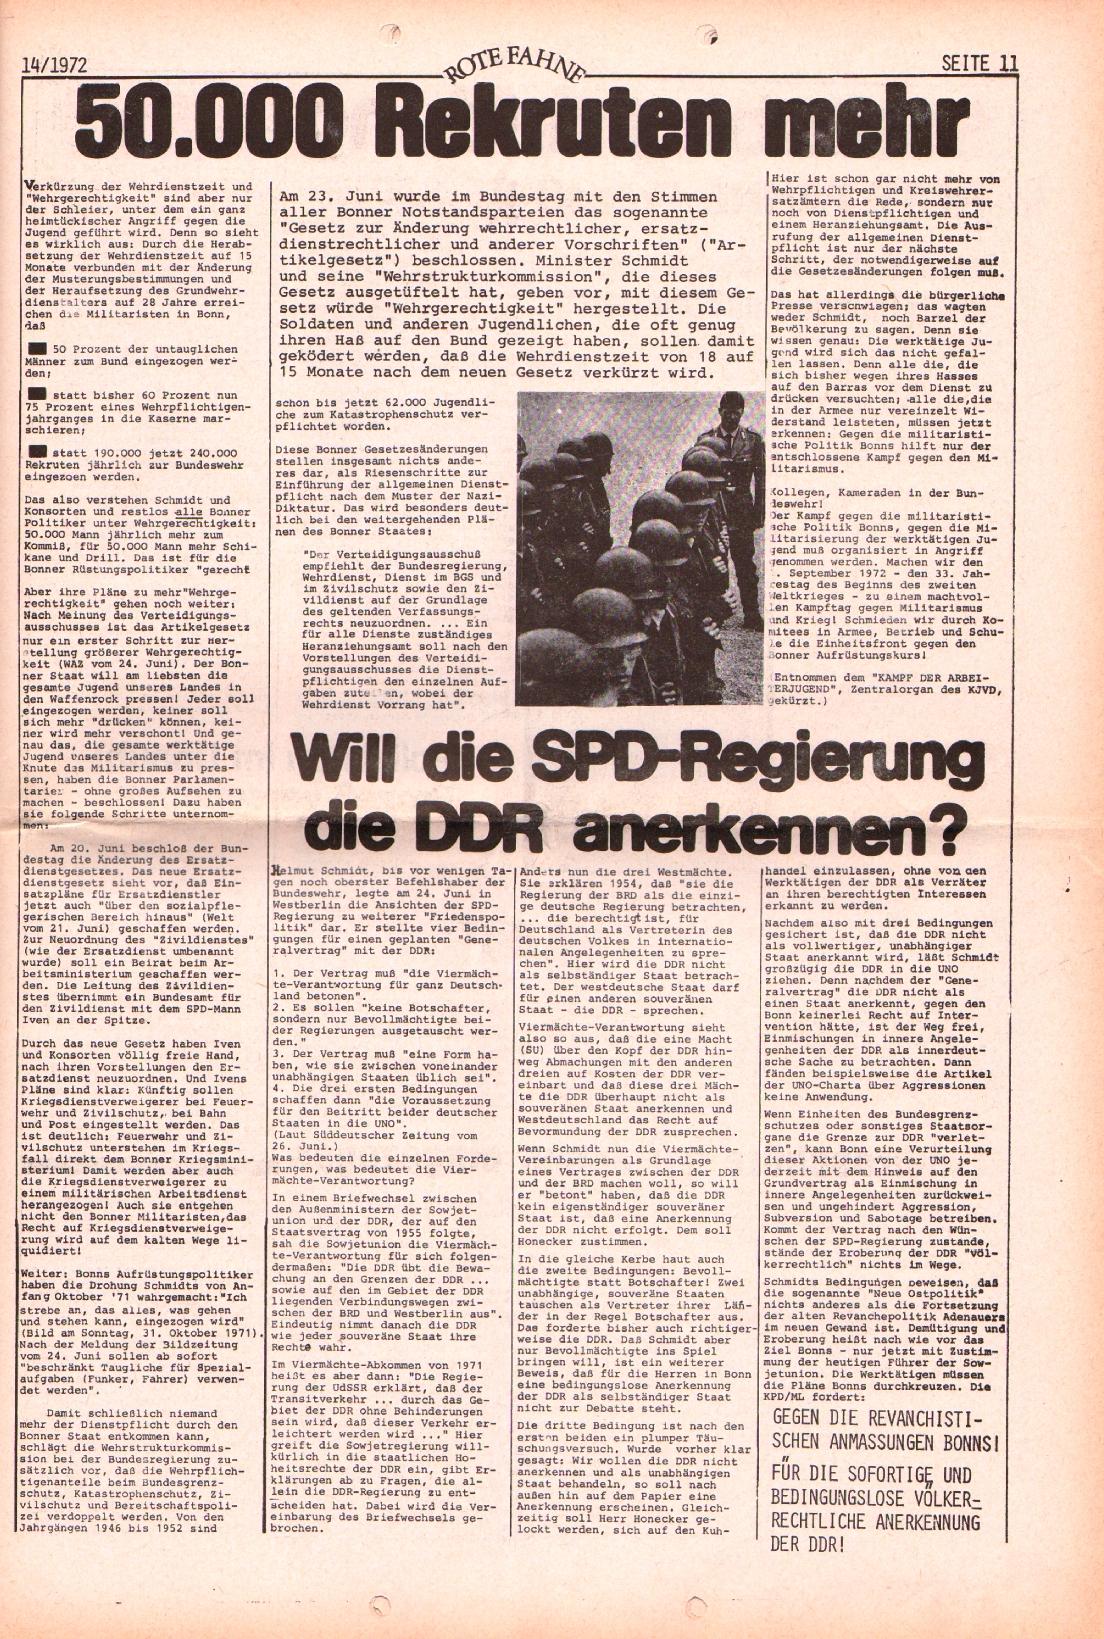 Rote Fahne, 3. Jg., 10.7.1972, Nr. 14, Seite 11